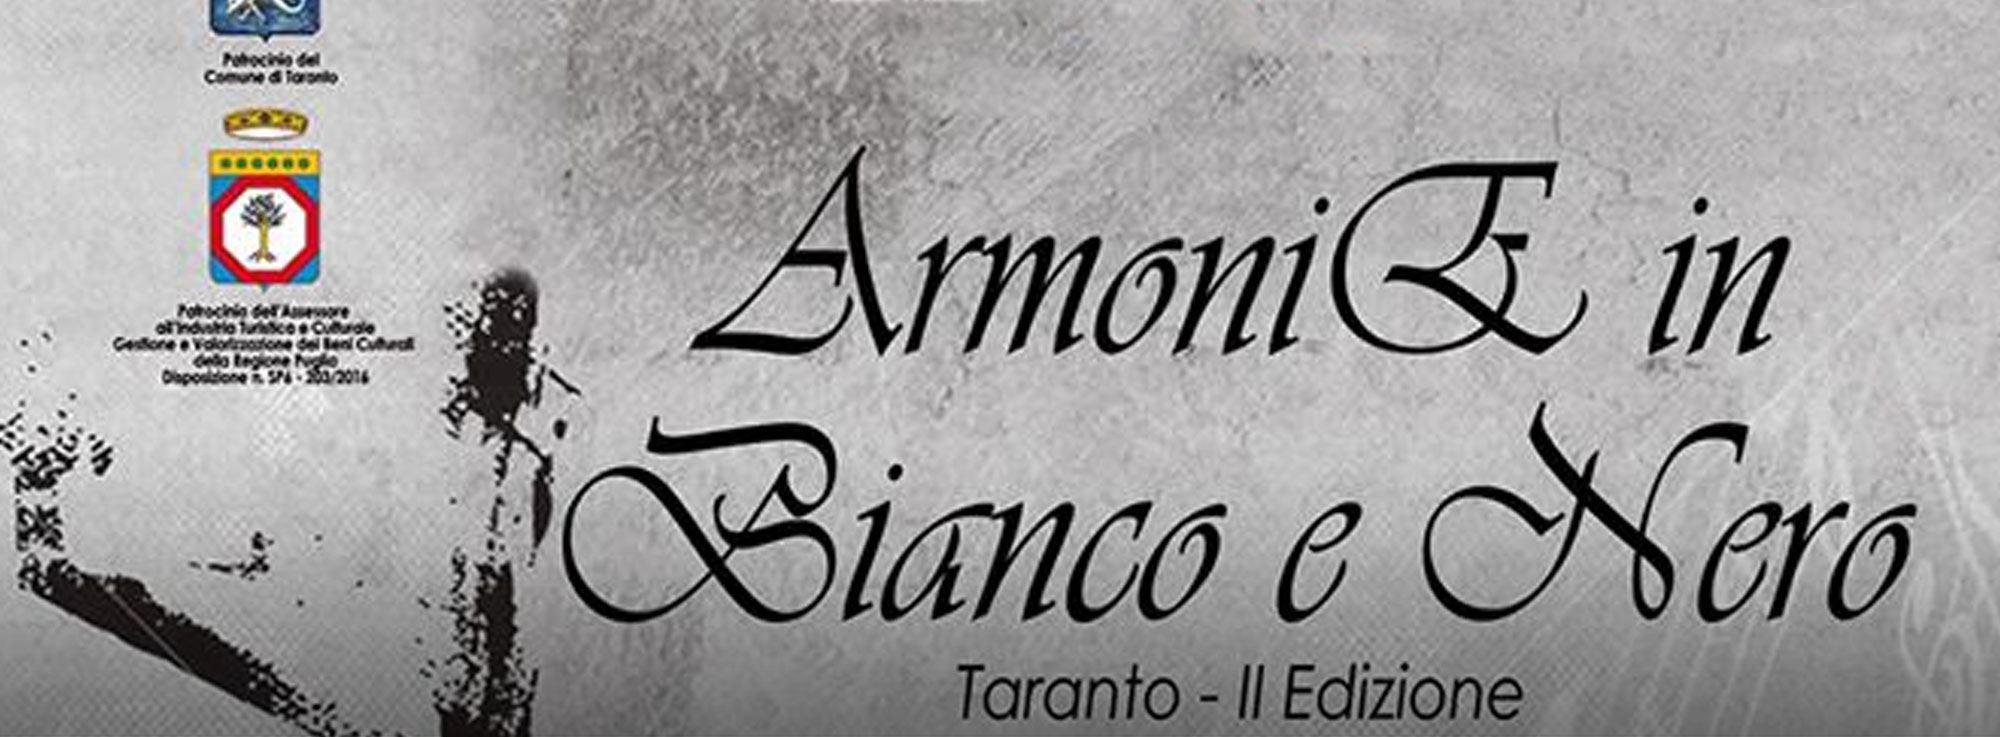 Taranto: Armonie in Bianco e Nero 2016